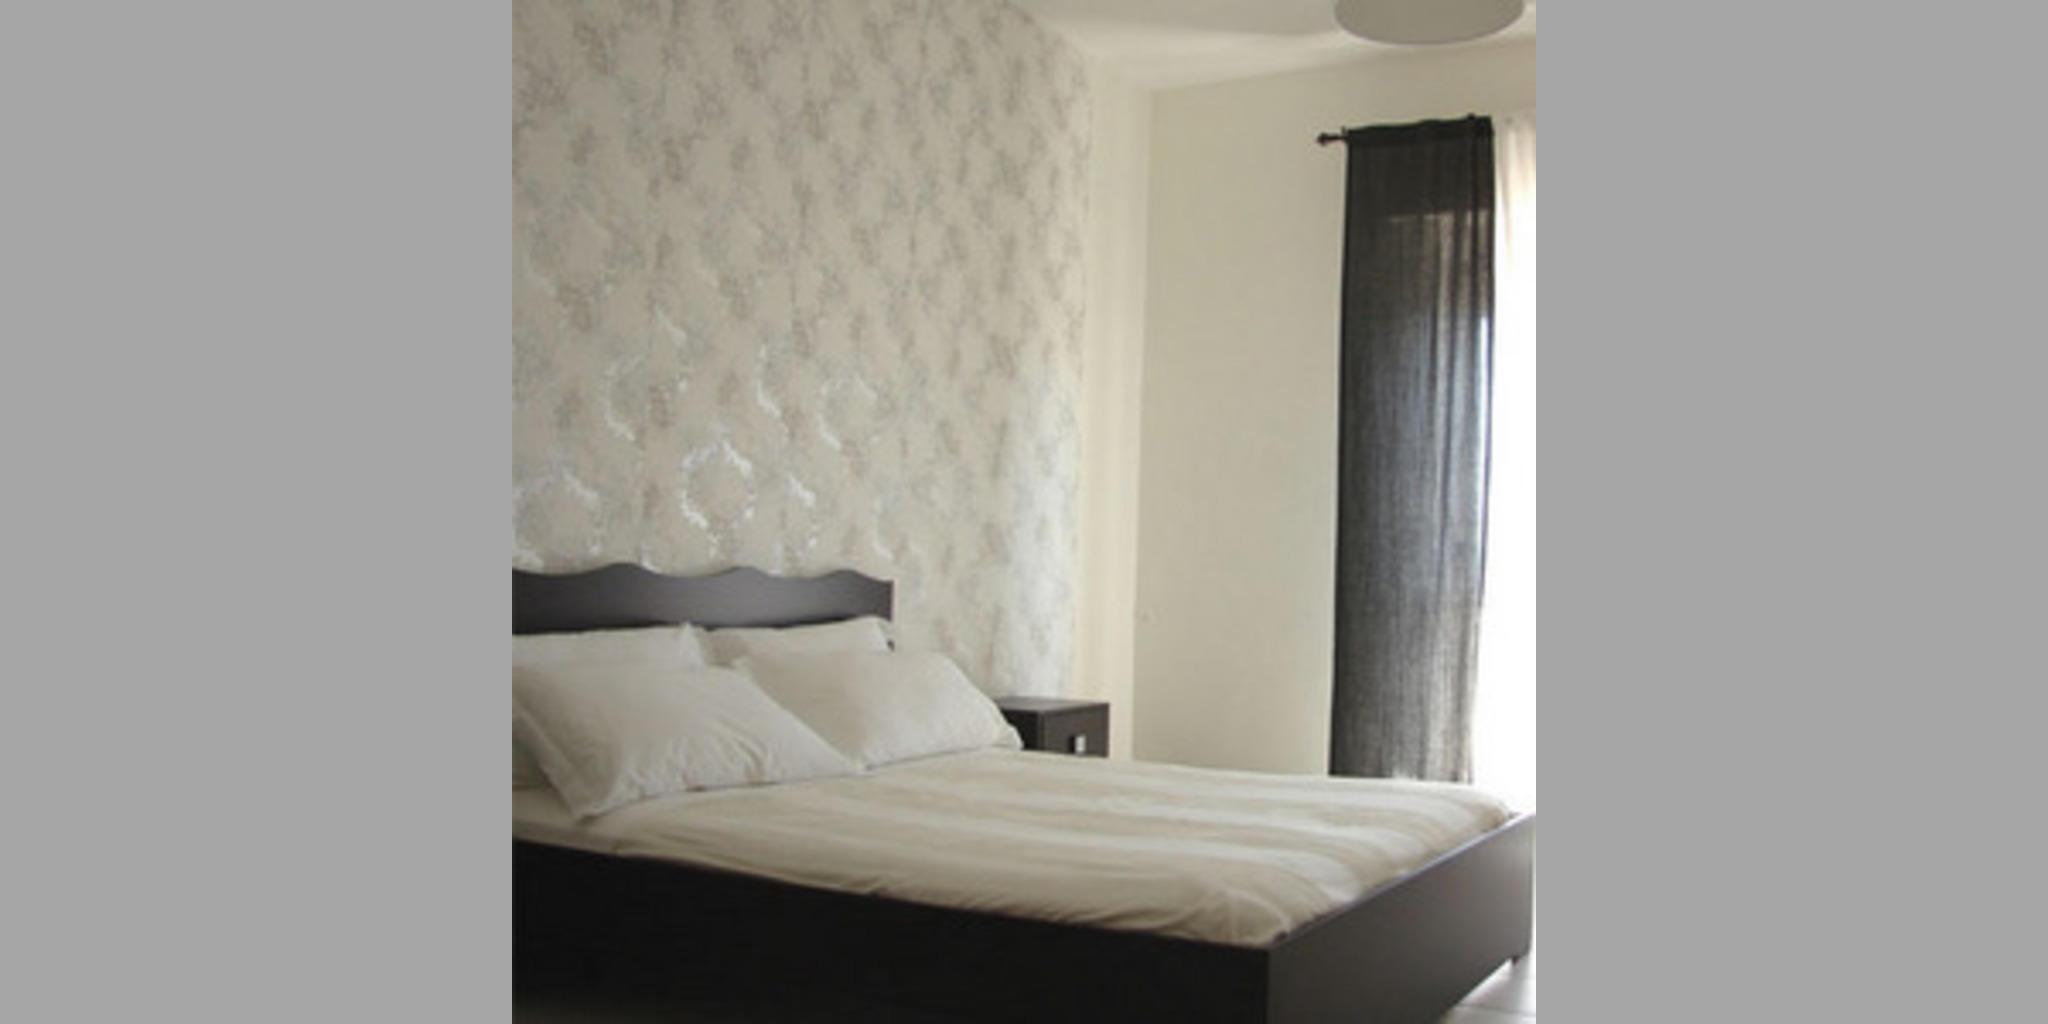 Bed & Breakfast Reggio Di Calabria - Reggio Centro